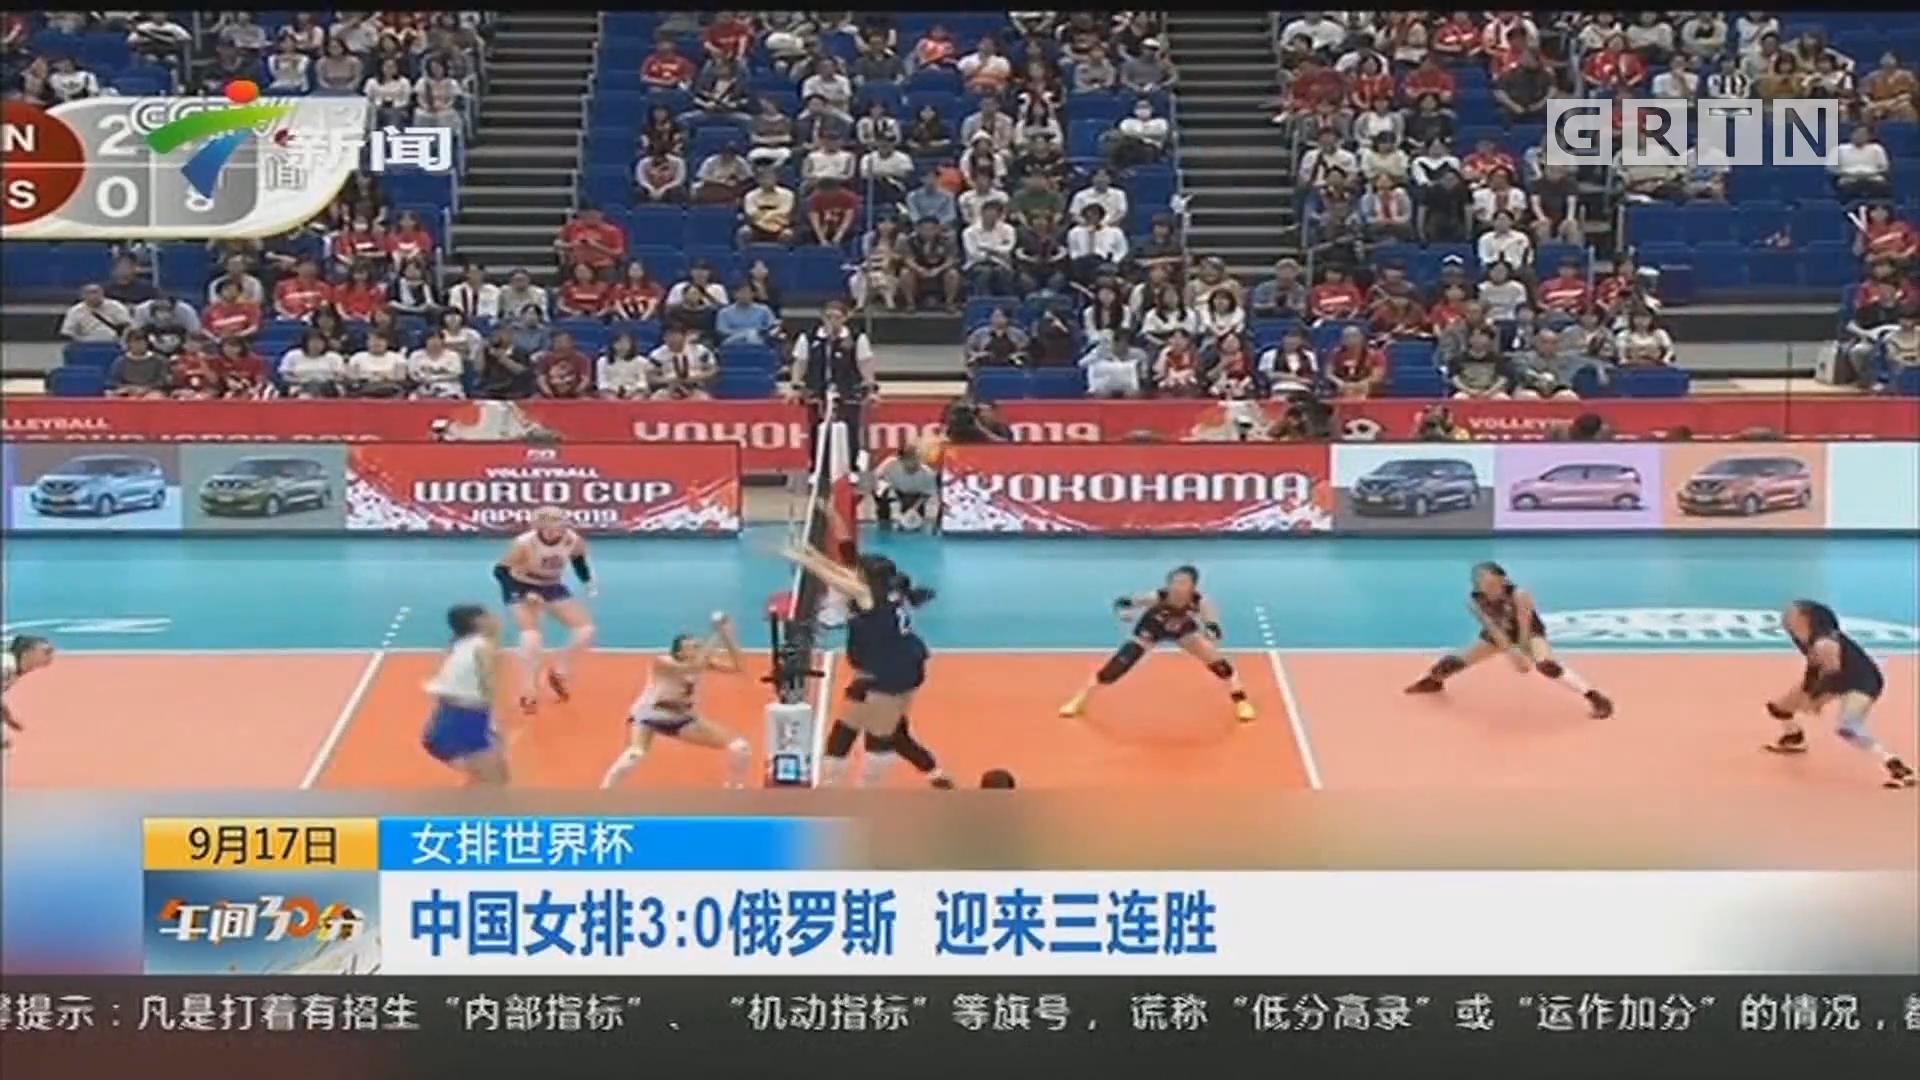 女排世界杯:中国女排3:0俄罗斯 迎来三连胜